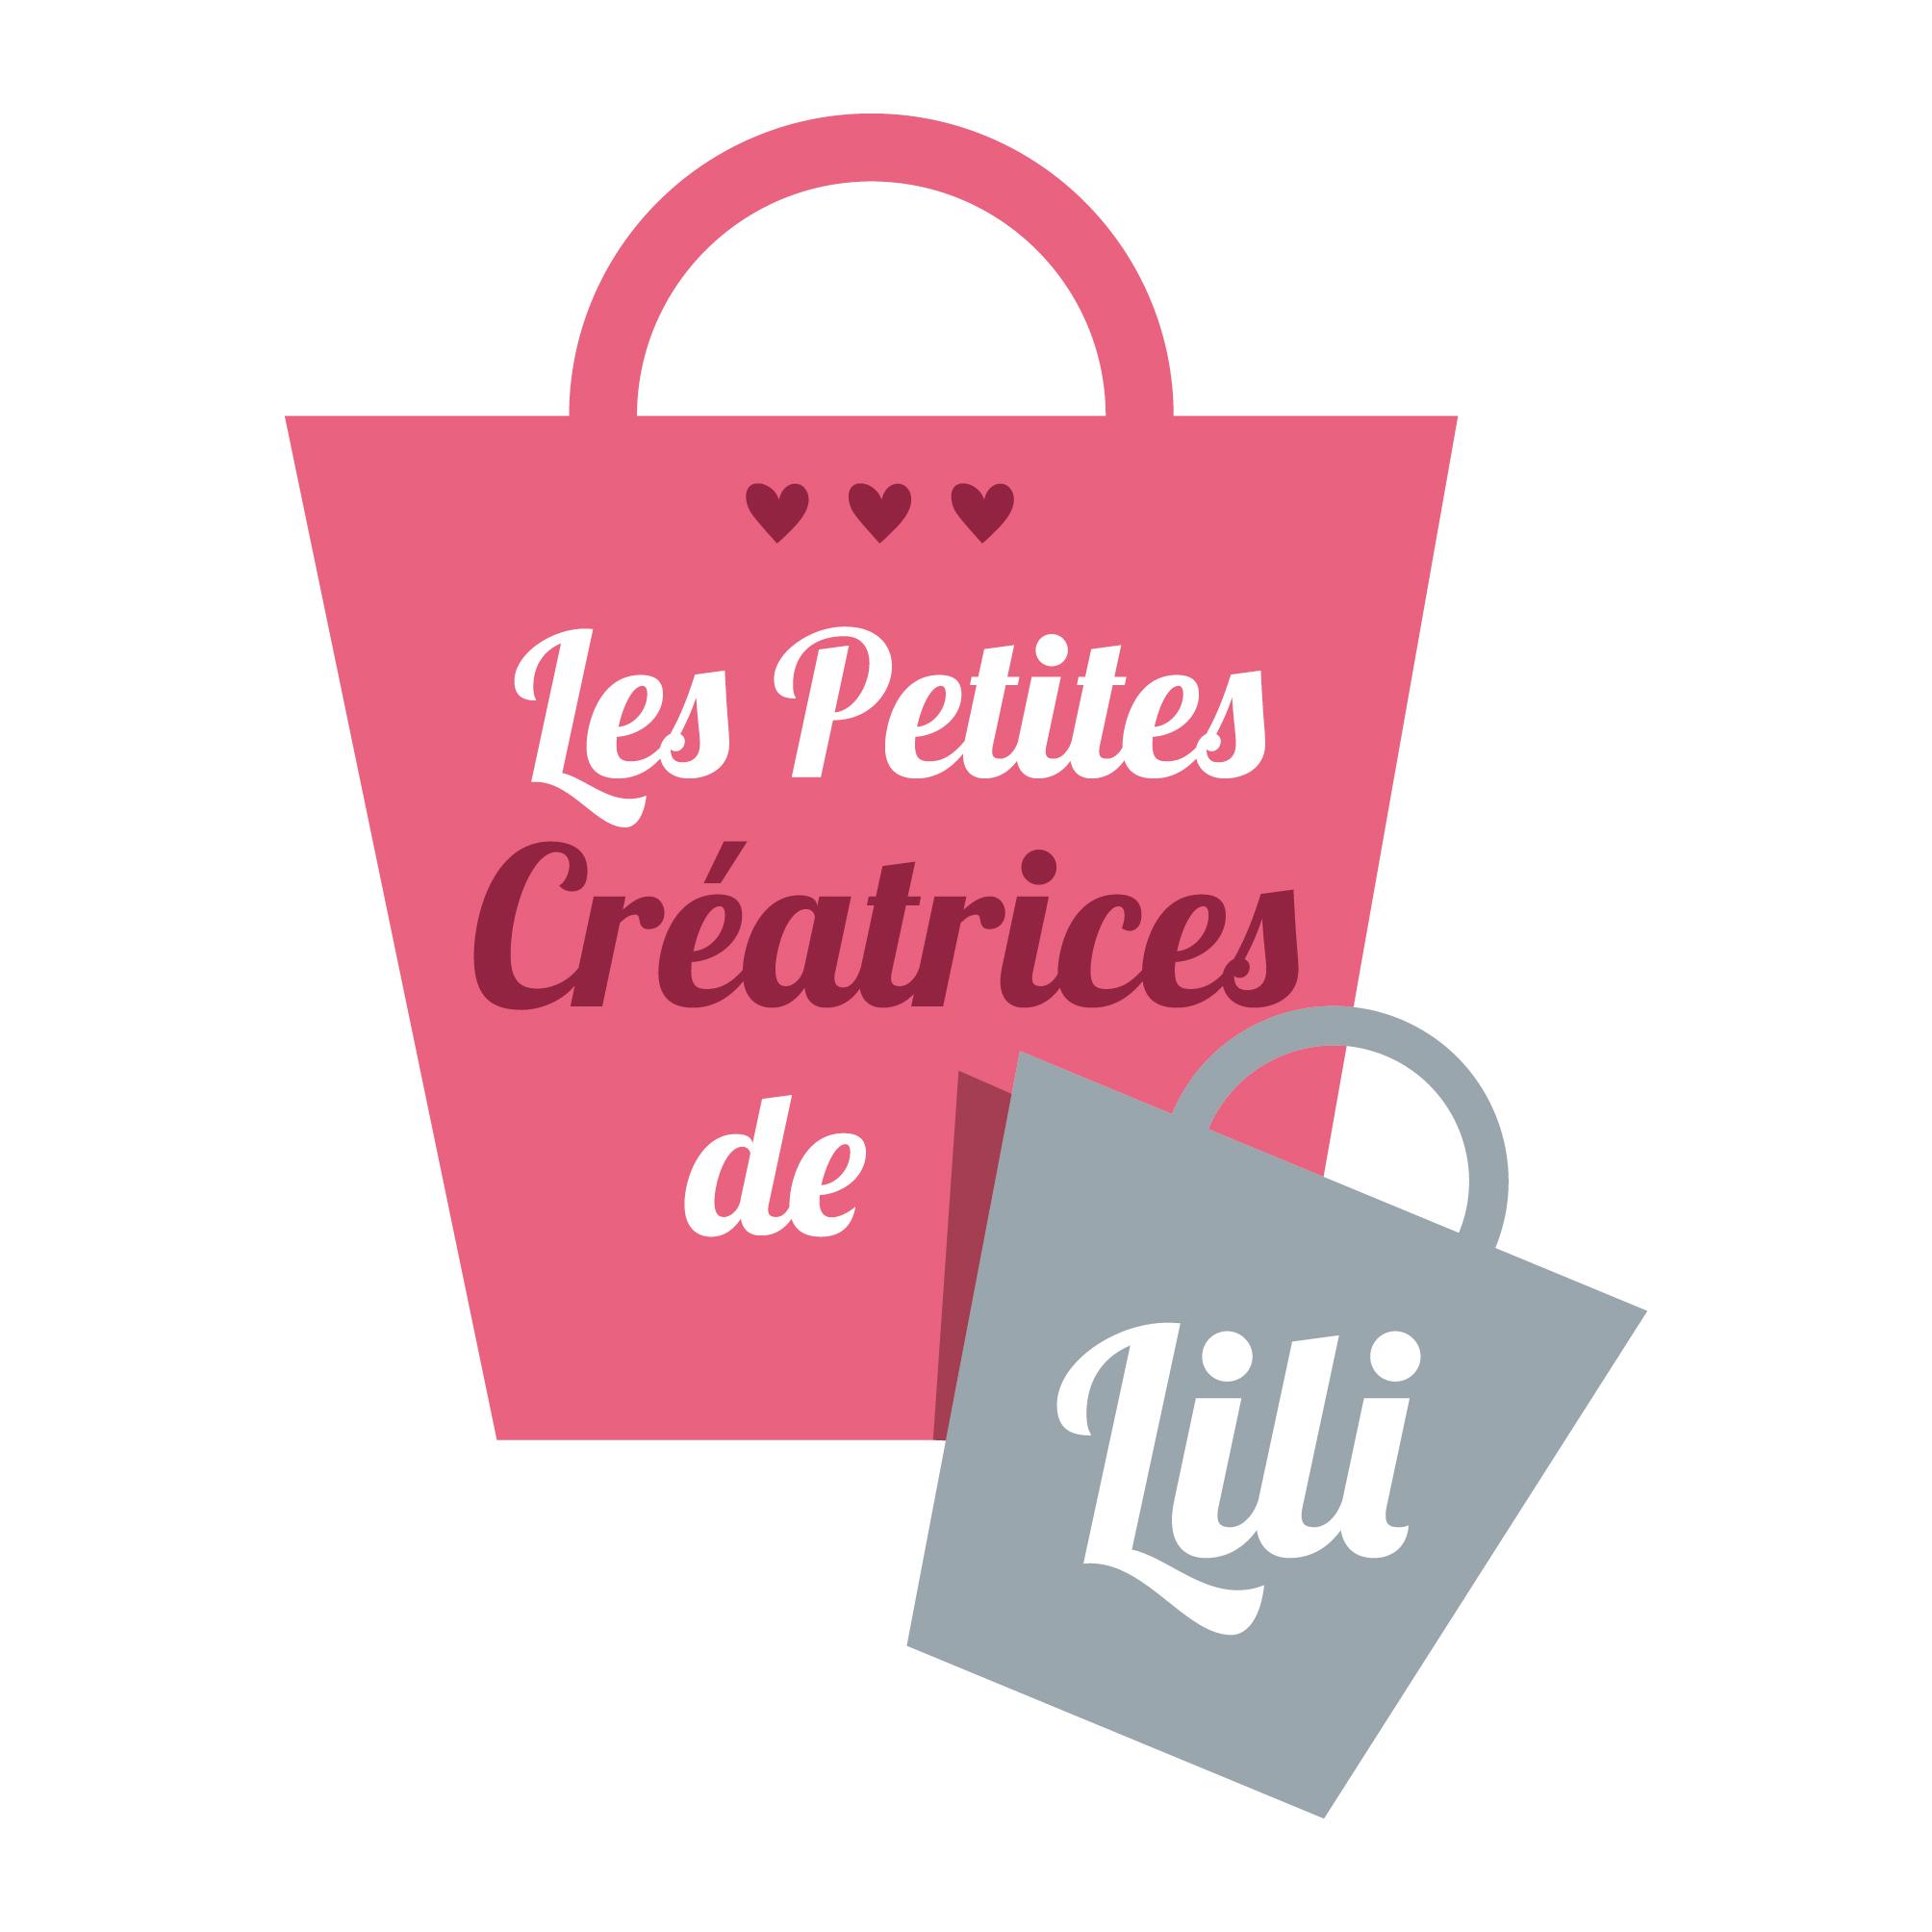 Les Petites Créatrices de Lili